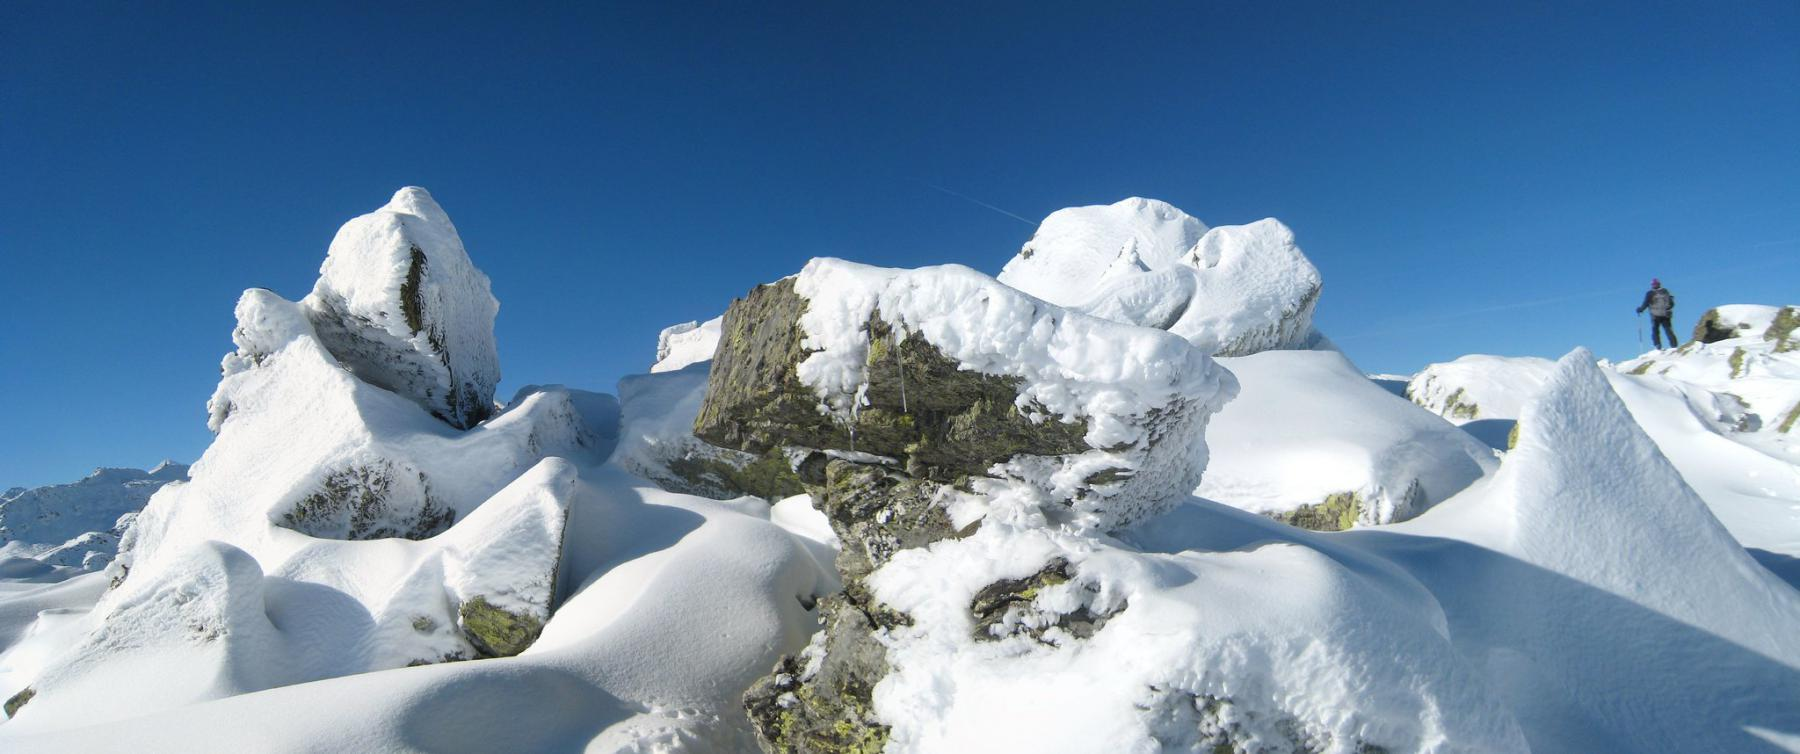 il vento ha fatto il suo lavoro sulle rocce della cima